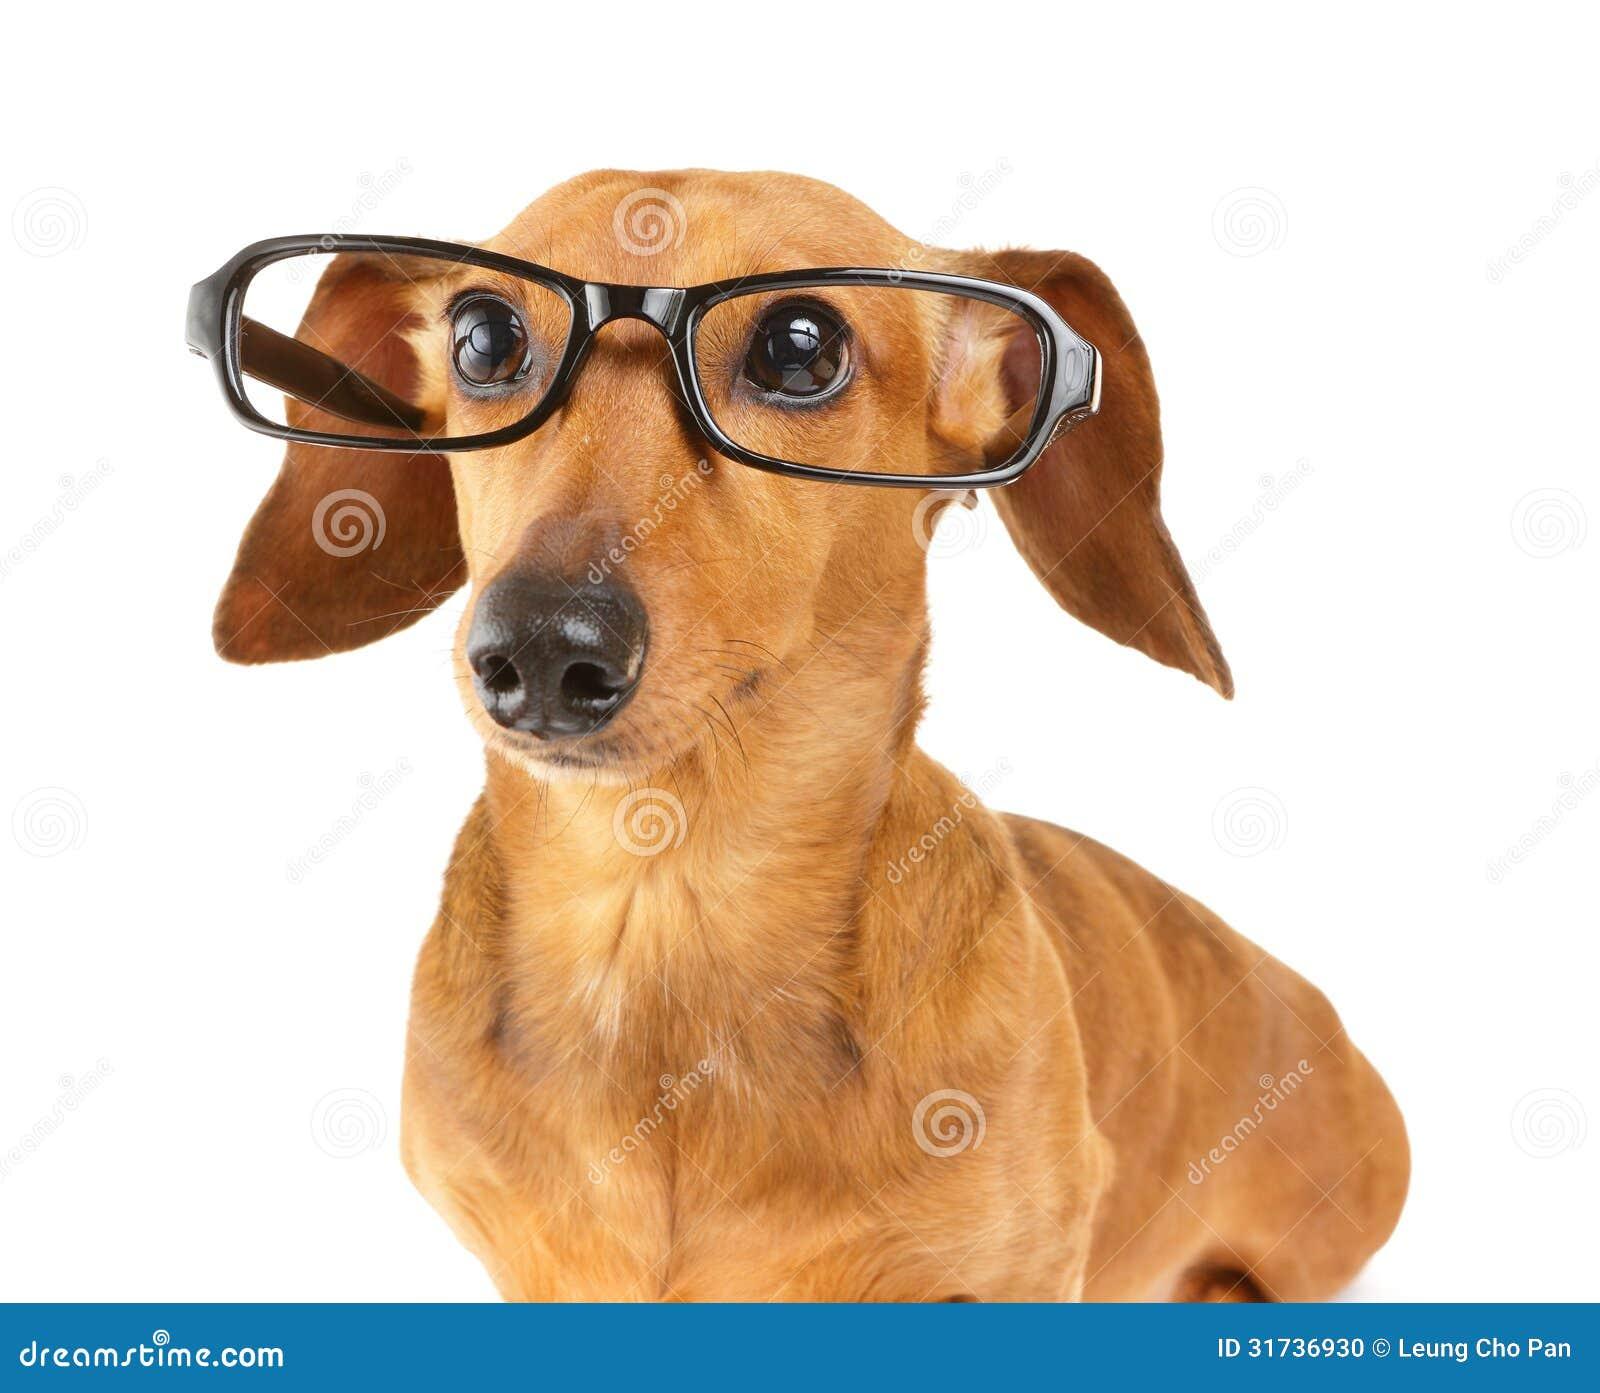 Dachshund Dog Wear Glasses Stock Photo Image 31736930